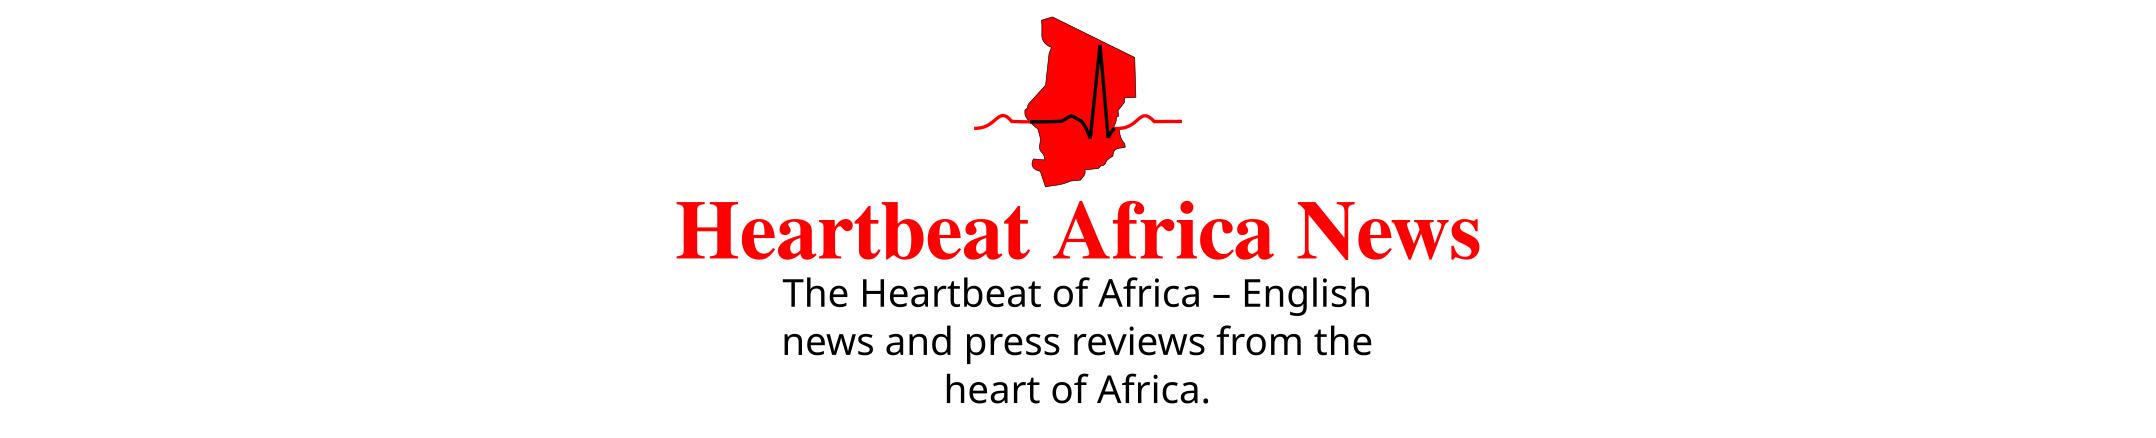 Heartbeat Africa News